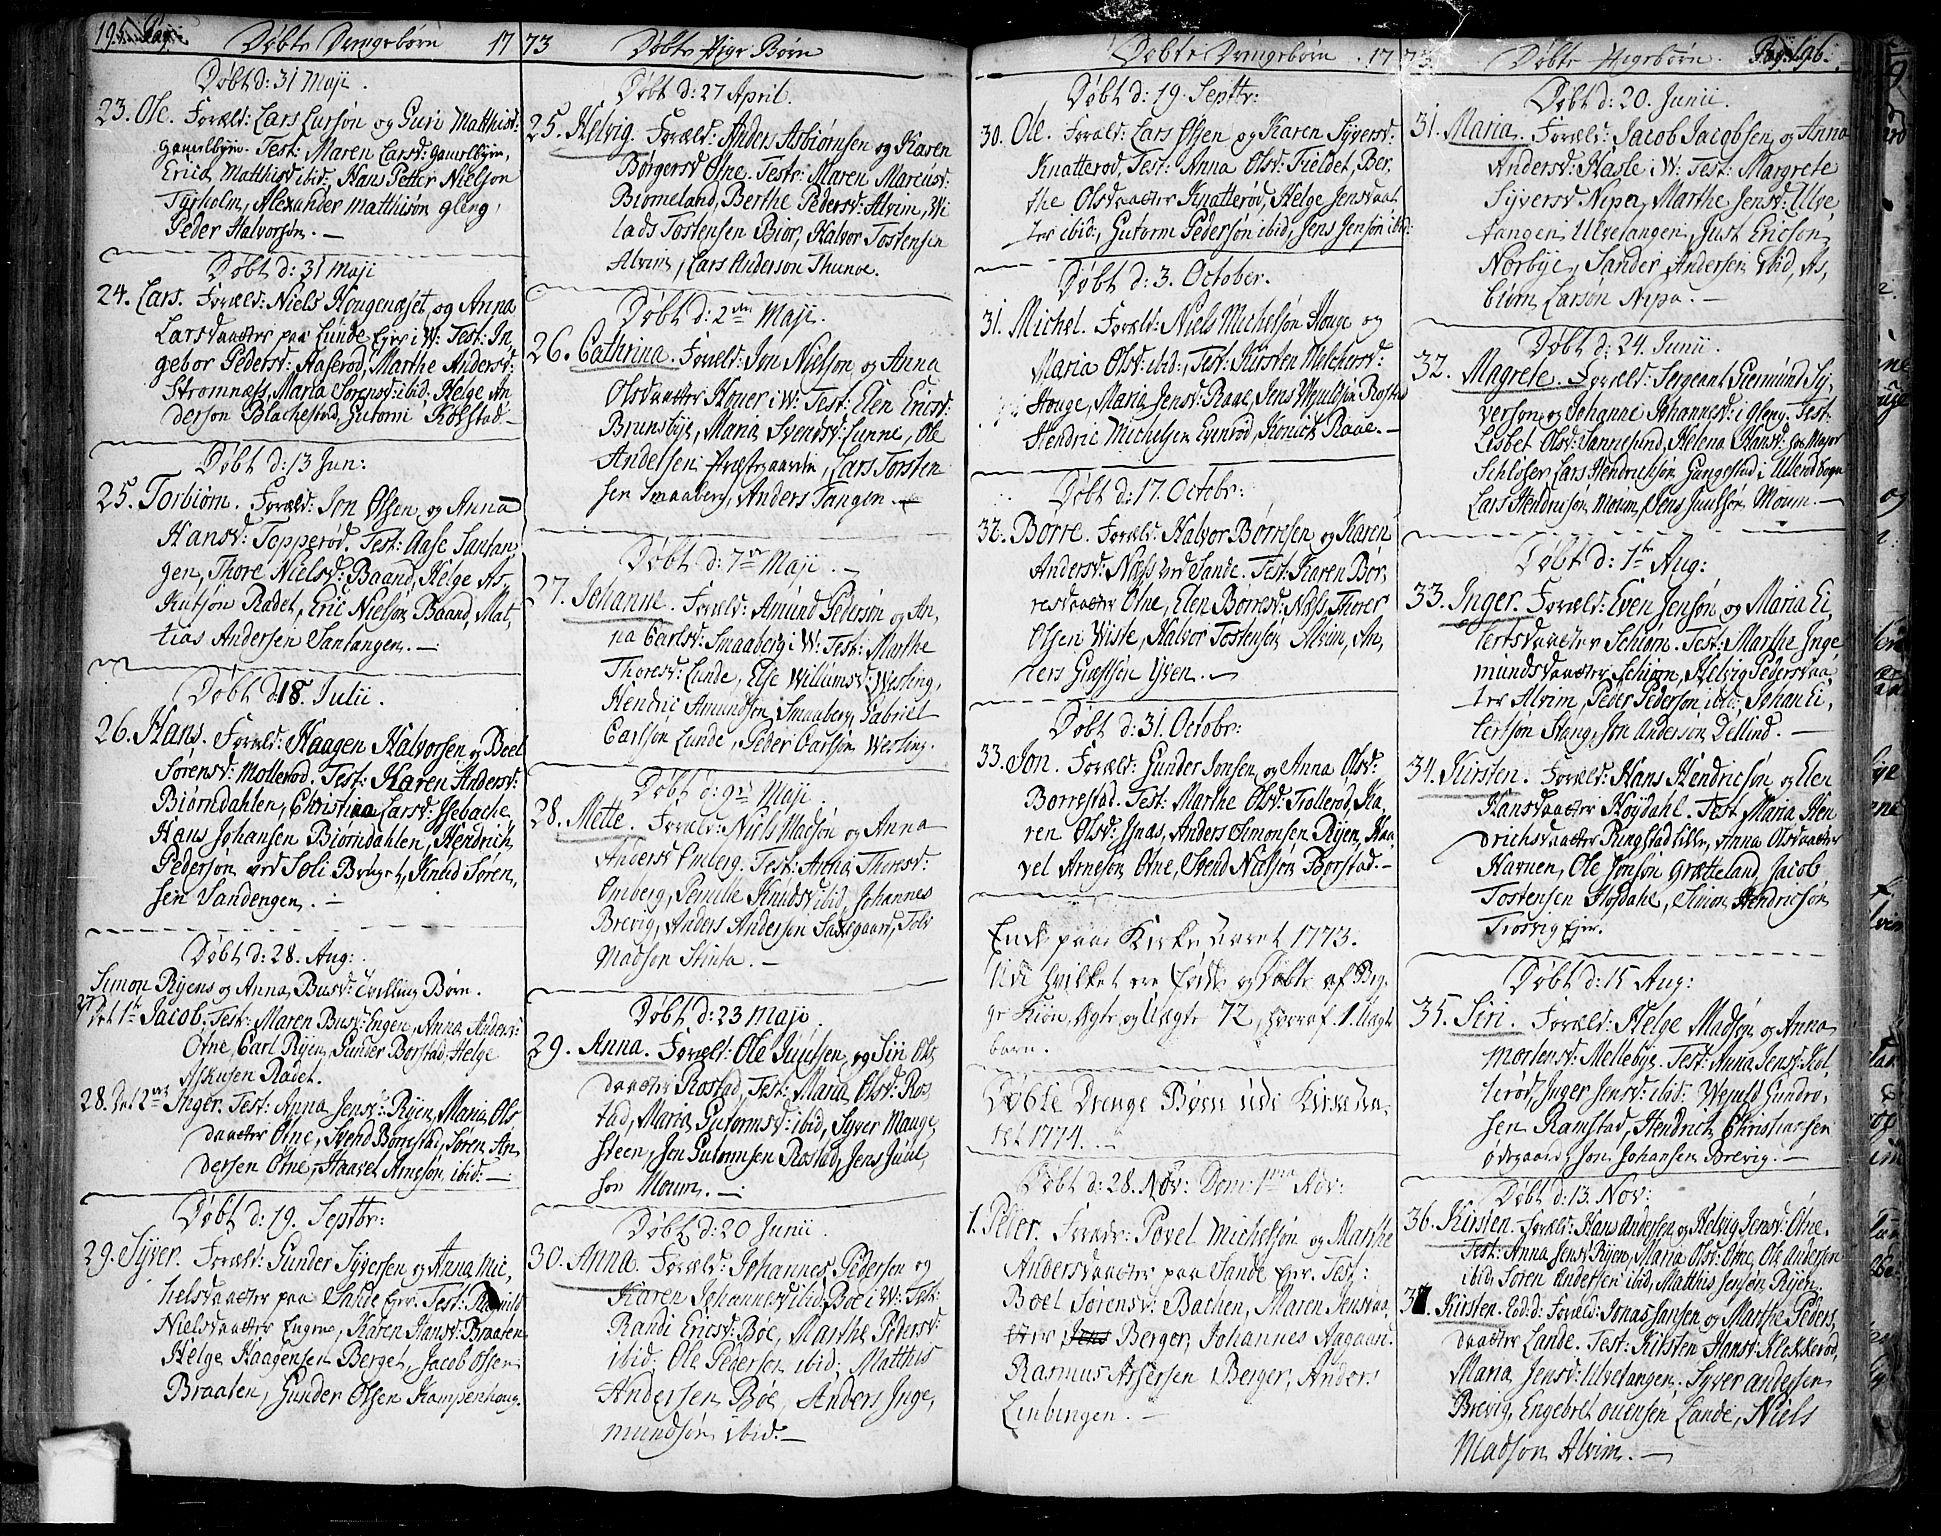 SAO, Tune prestekontor Kirkebøker, F/Fa/L0002: Ministerialbok nr. 2, 1758-1781, s. 195-196